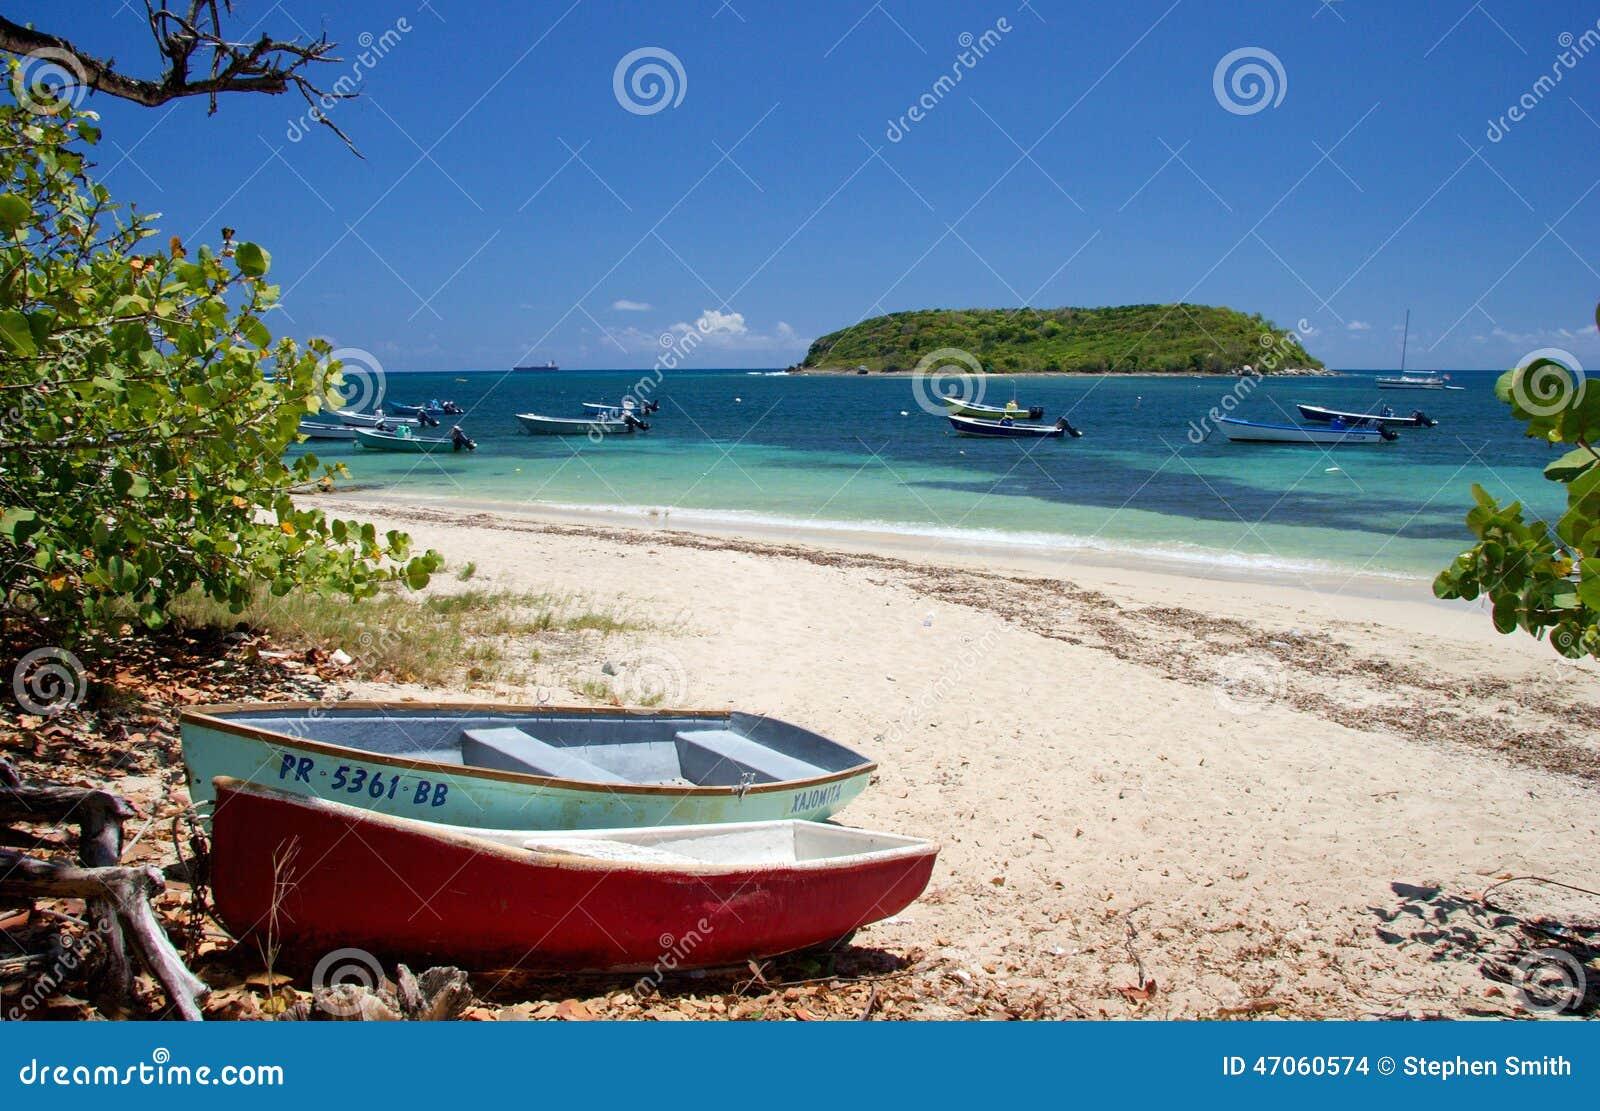 Bateaux de pêche sur la plage, île de Vieques, Porto Rico